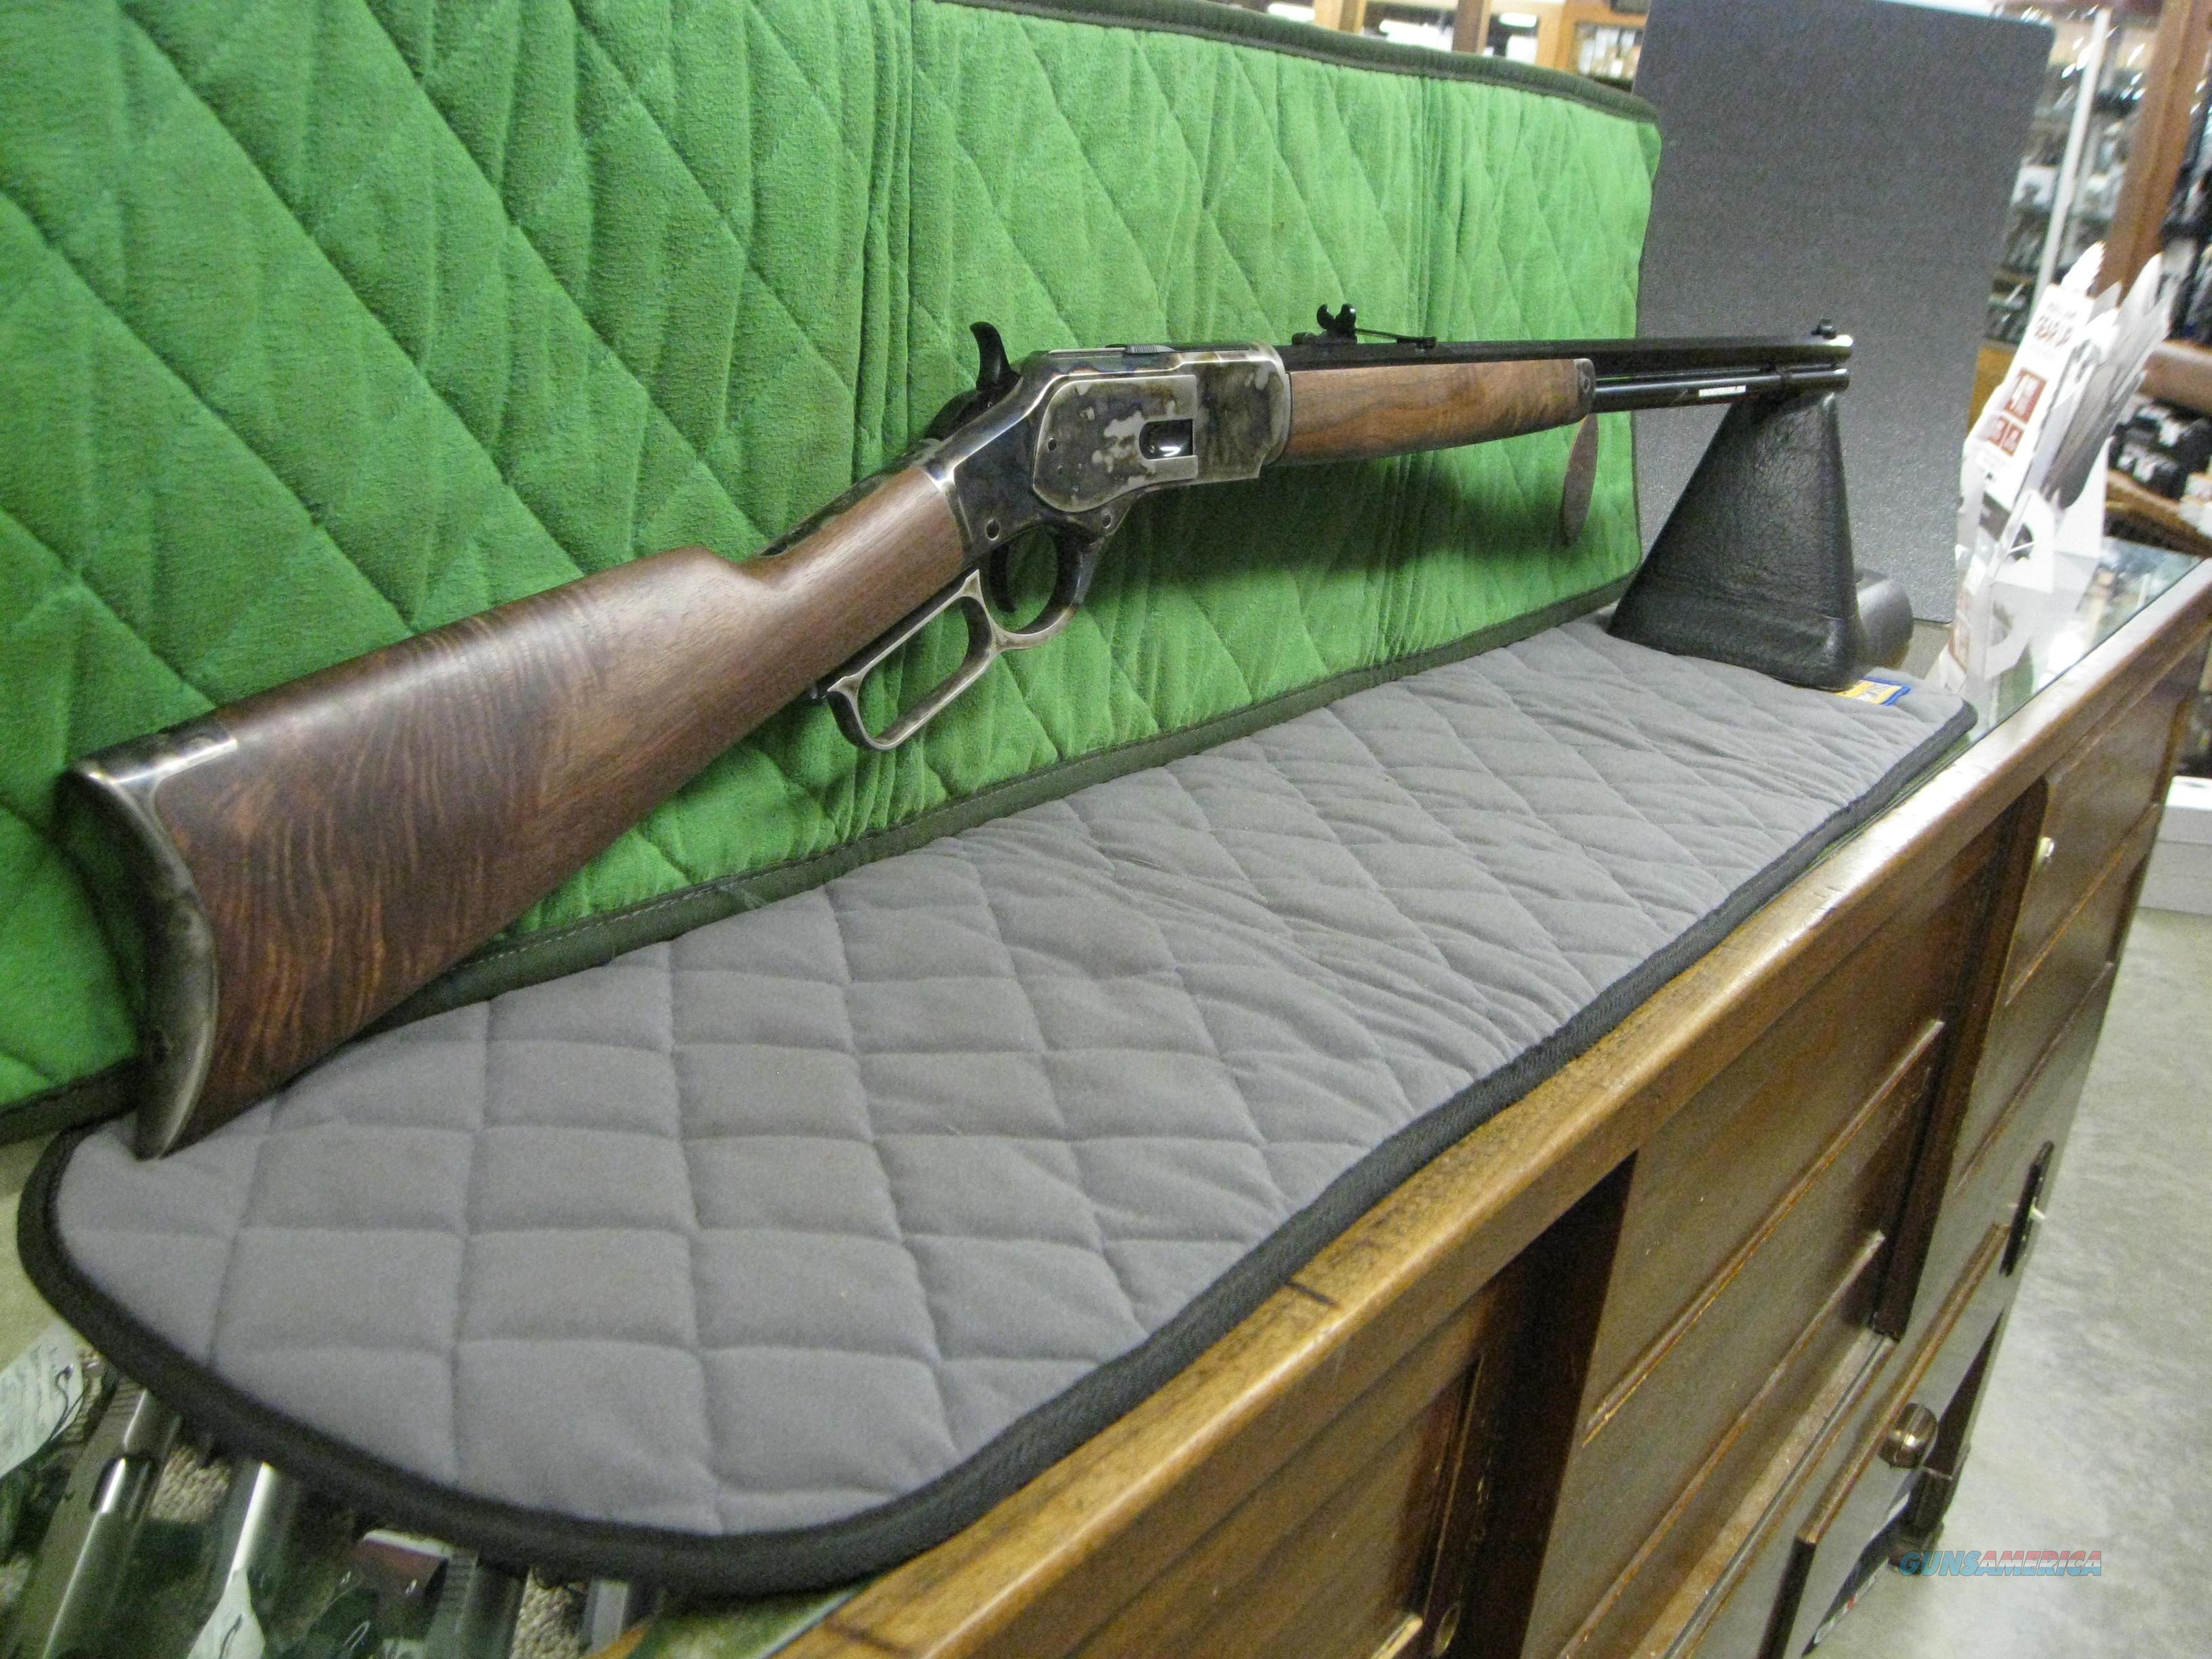 Winchester Model 1873 Sporter Gr. 3. .45 Colt  **NEW** 534217141  Guns > Rifles > Winchester Rifles - Modern Lever > Other Lever > Post-64